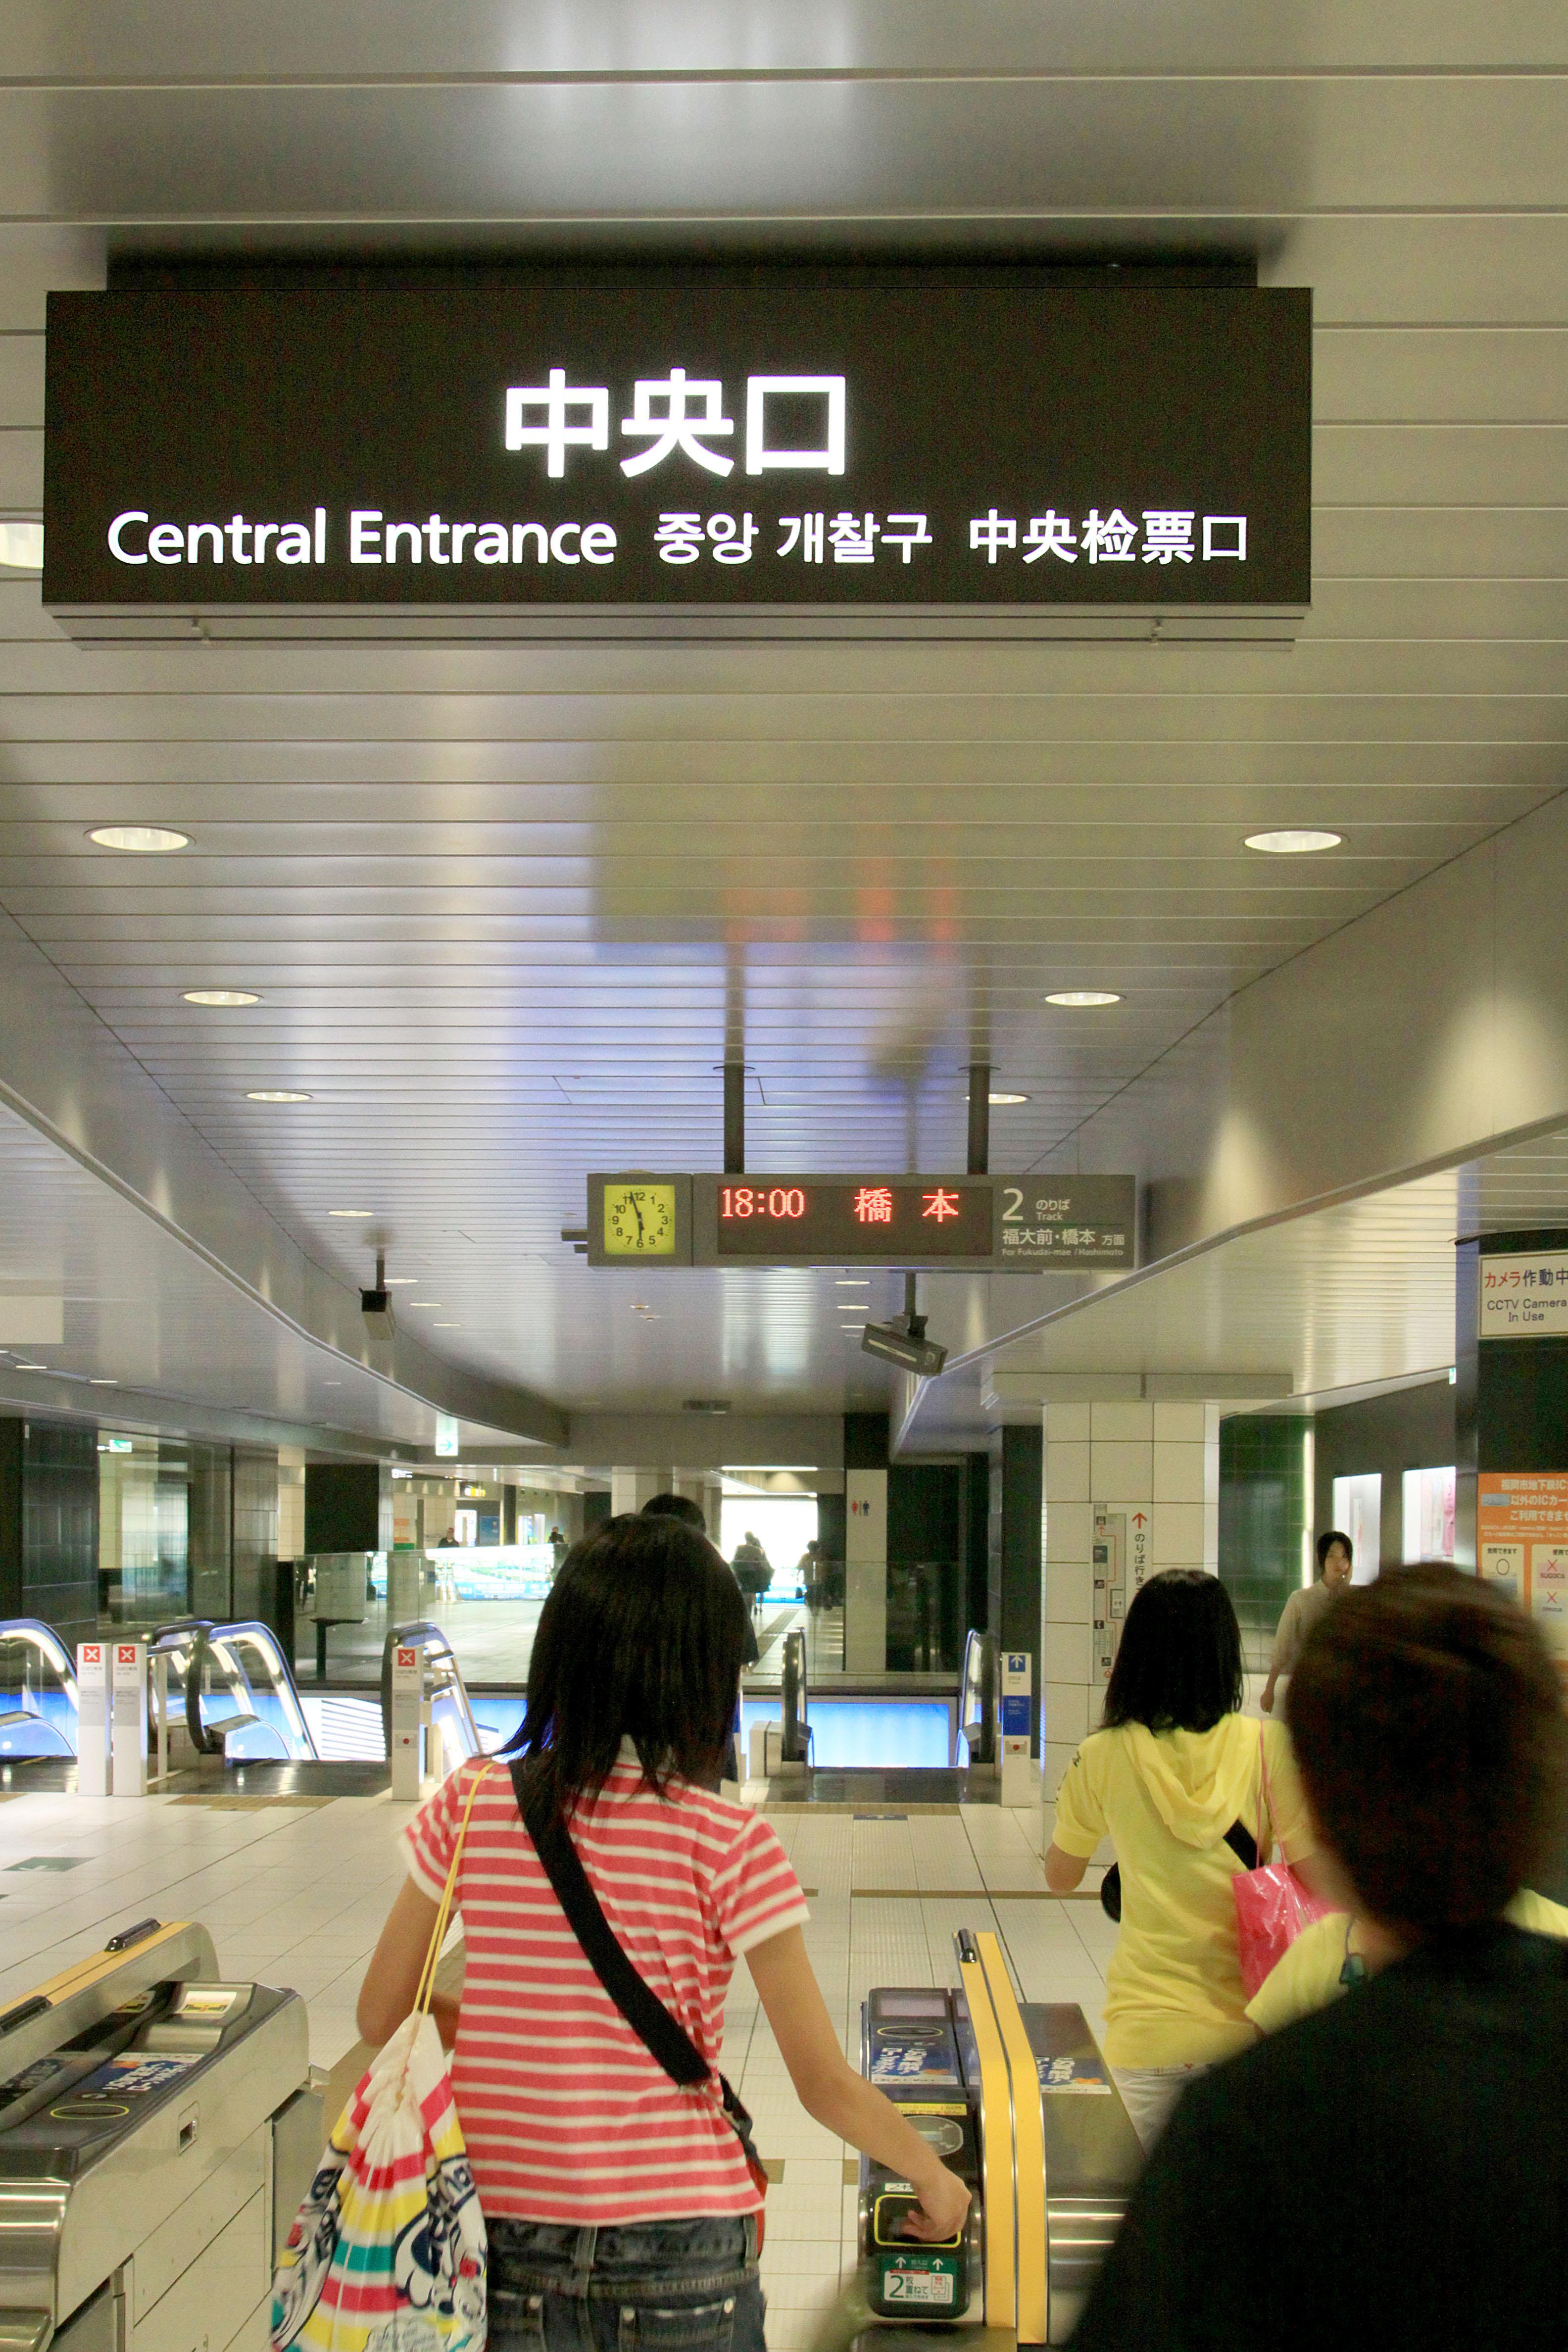 地下鉄・サインは4ヶ国語で表記(2009)の画像